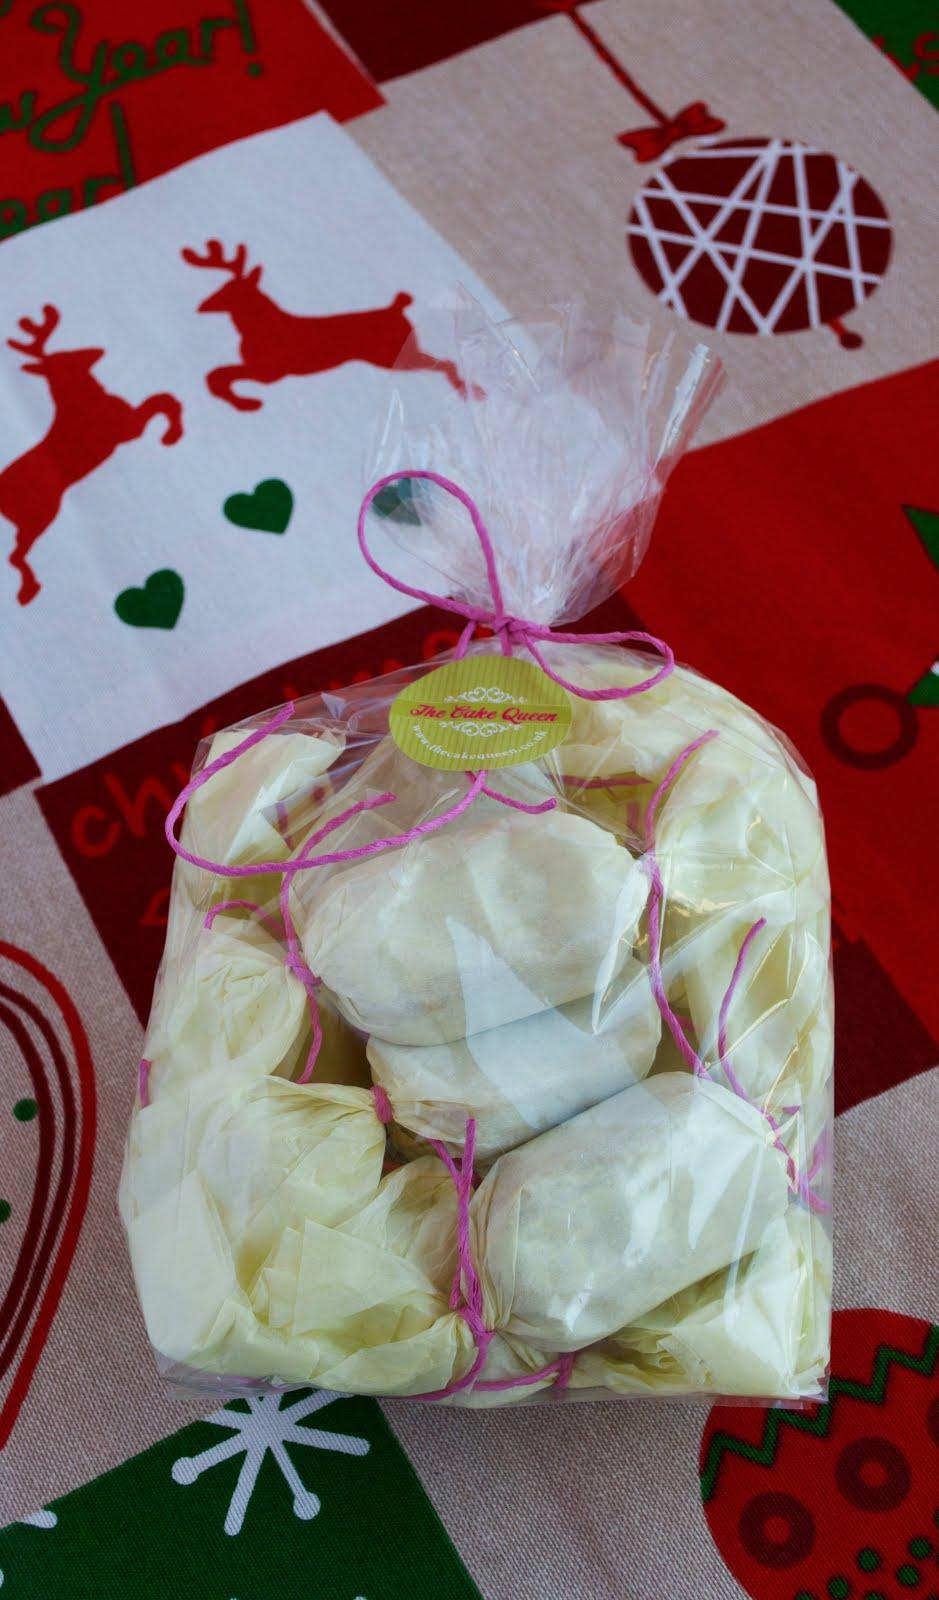 Mantecados de limón, envueltos en papel de seda amarillo